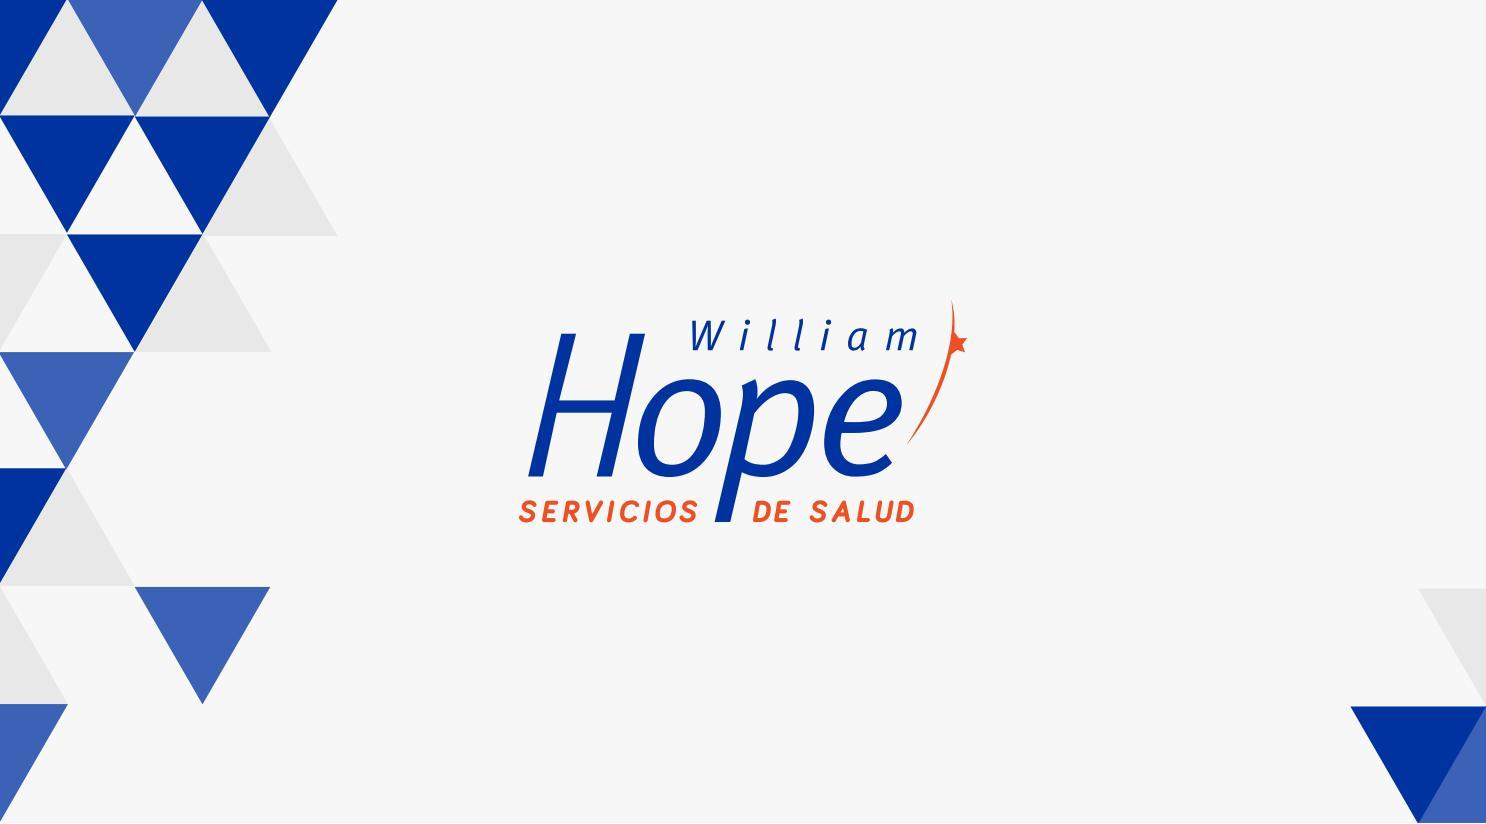 William Hope Salud